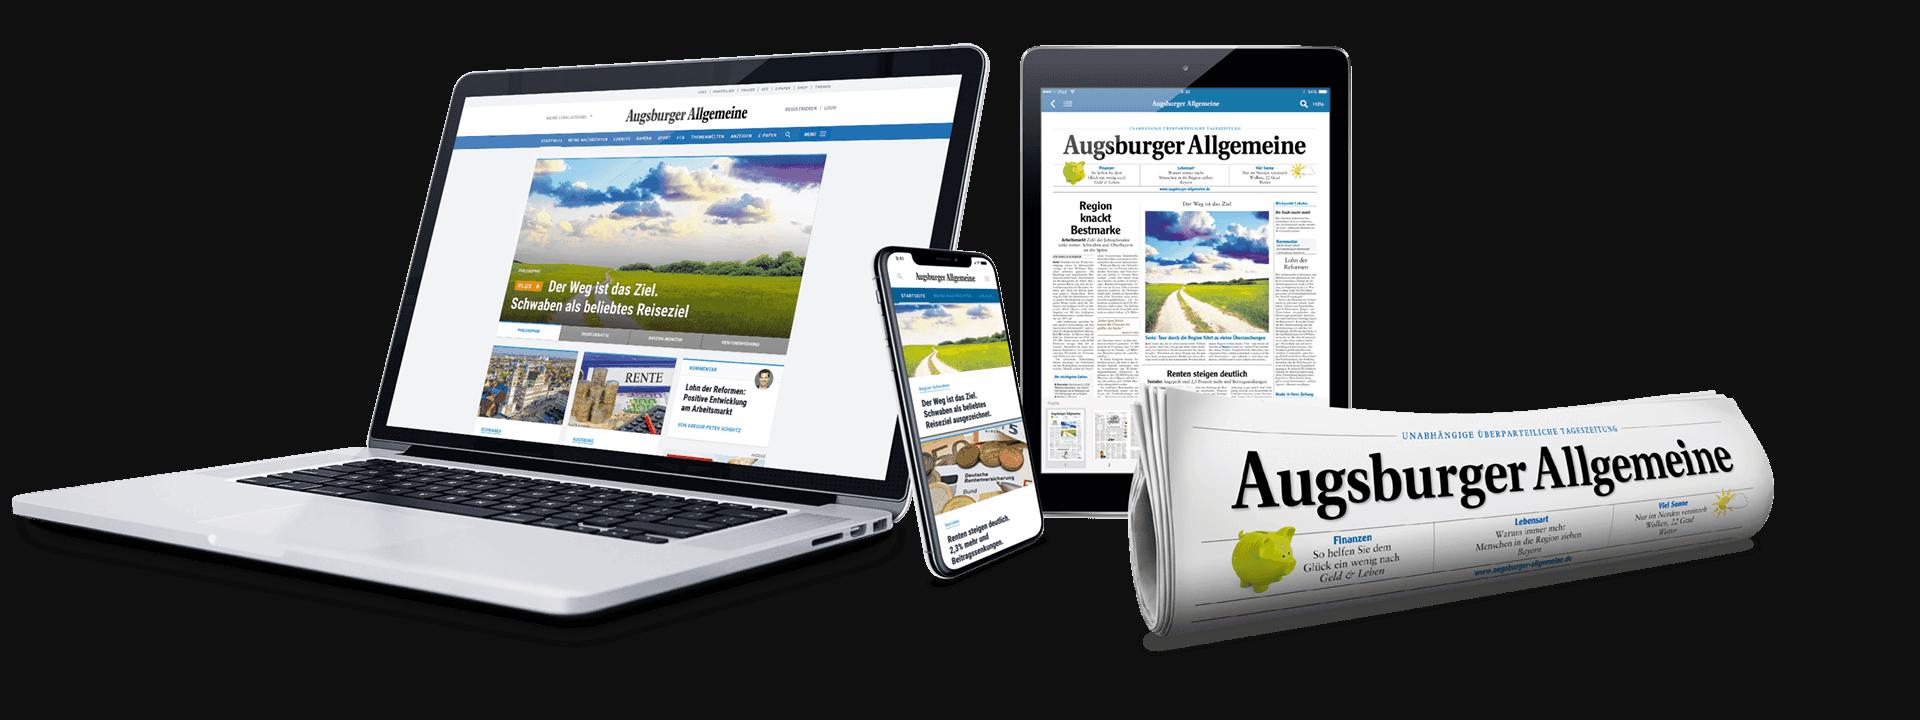 Zeitungsabos Augsburger Allgemeine